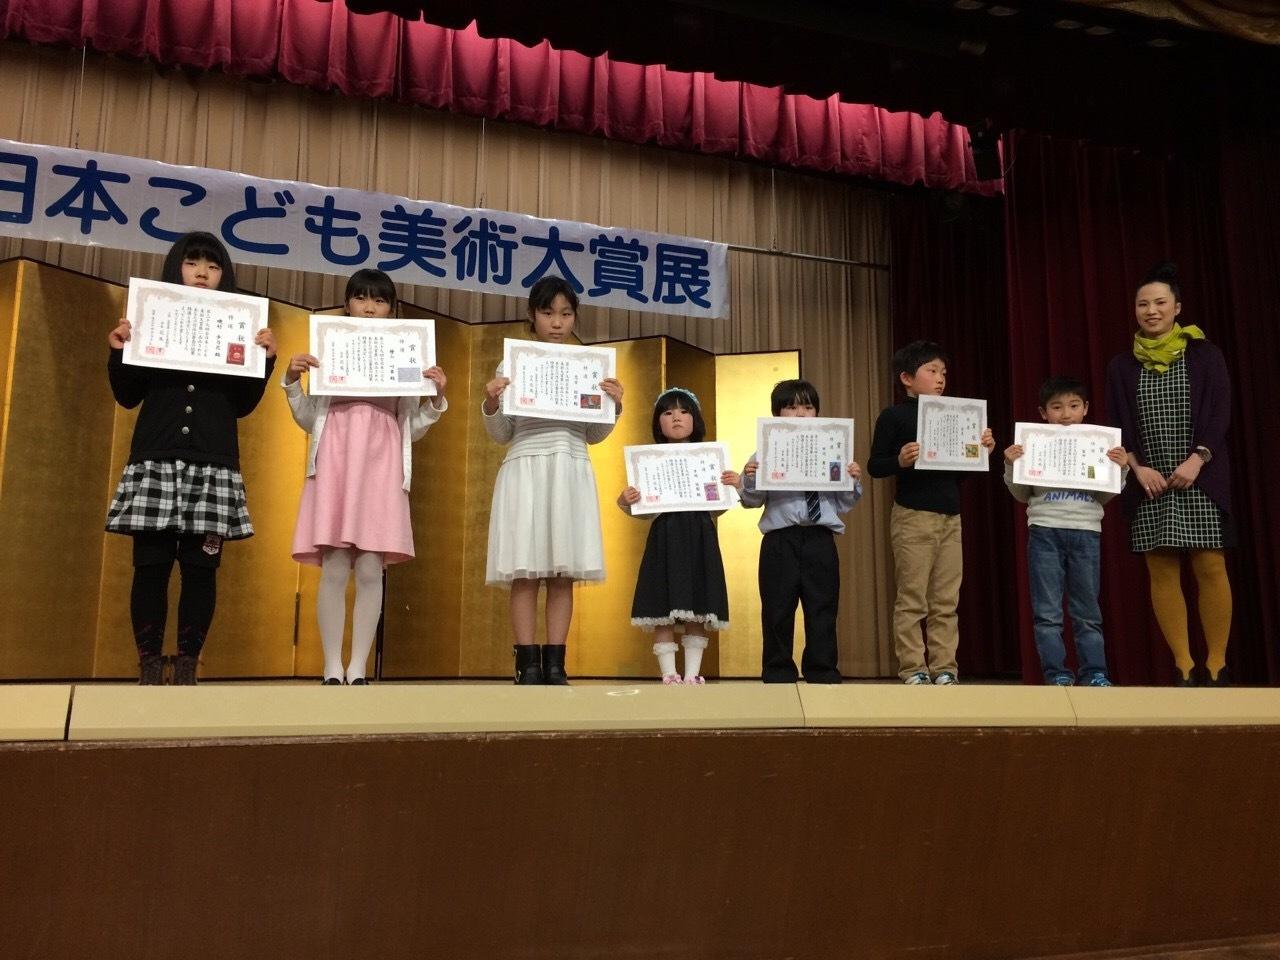 第39回全日本こども美術大賞展表彰式_f0215199_21284158.jpg